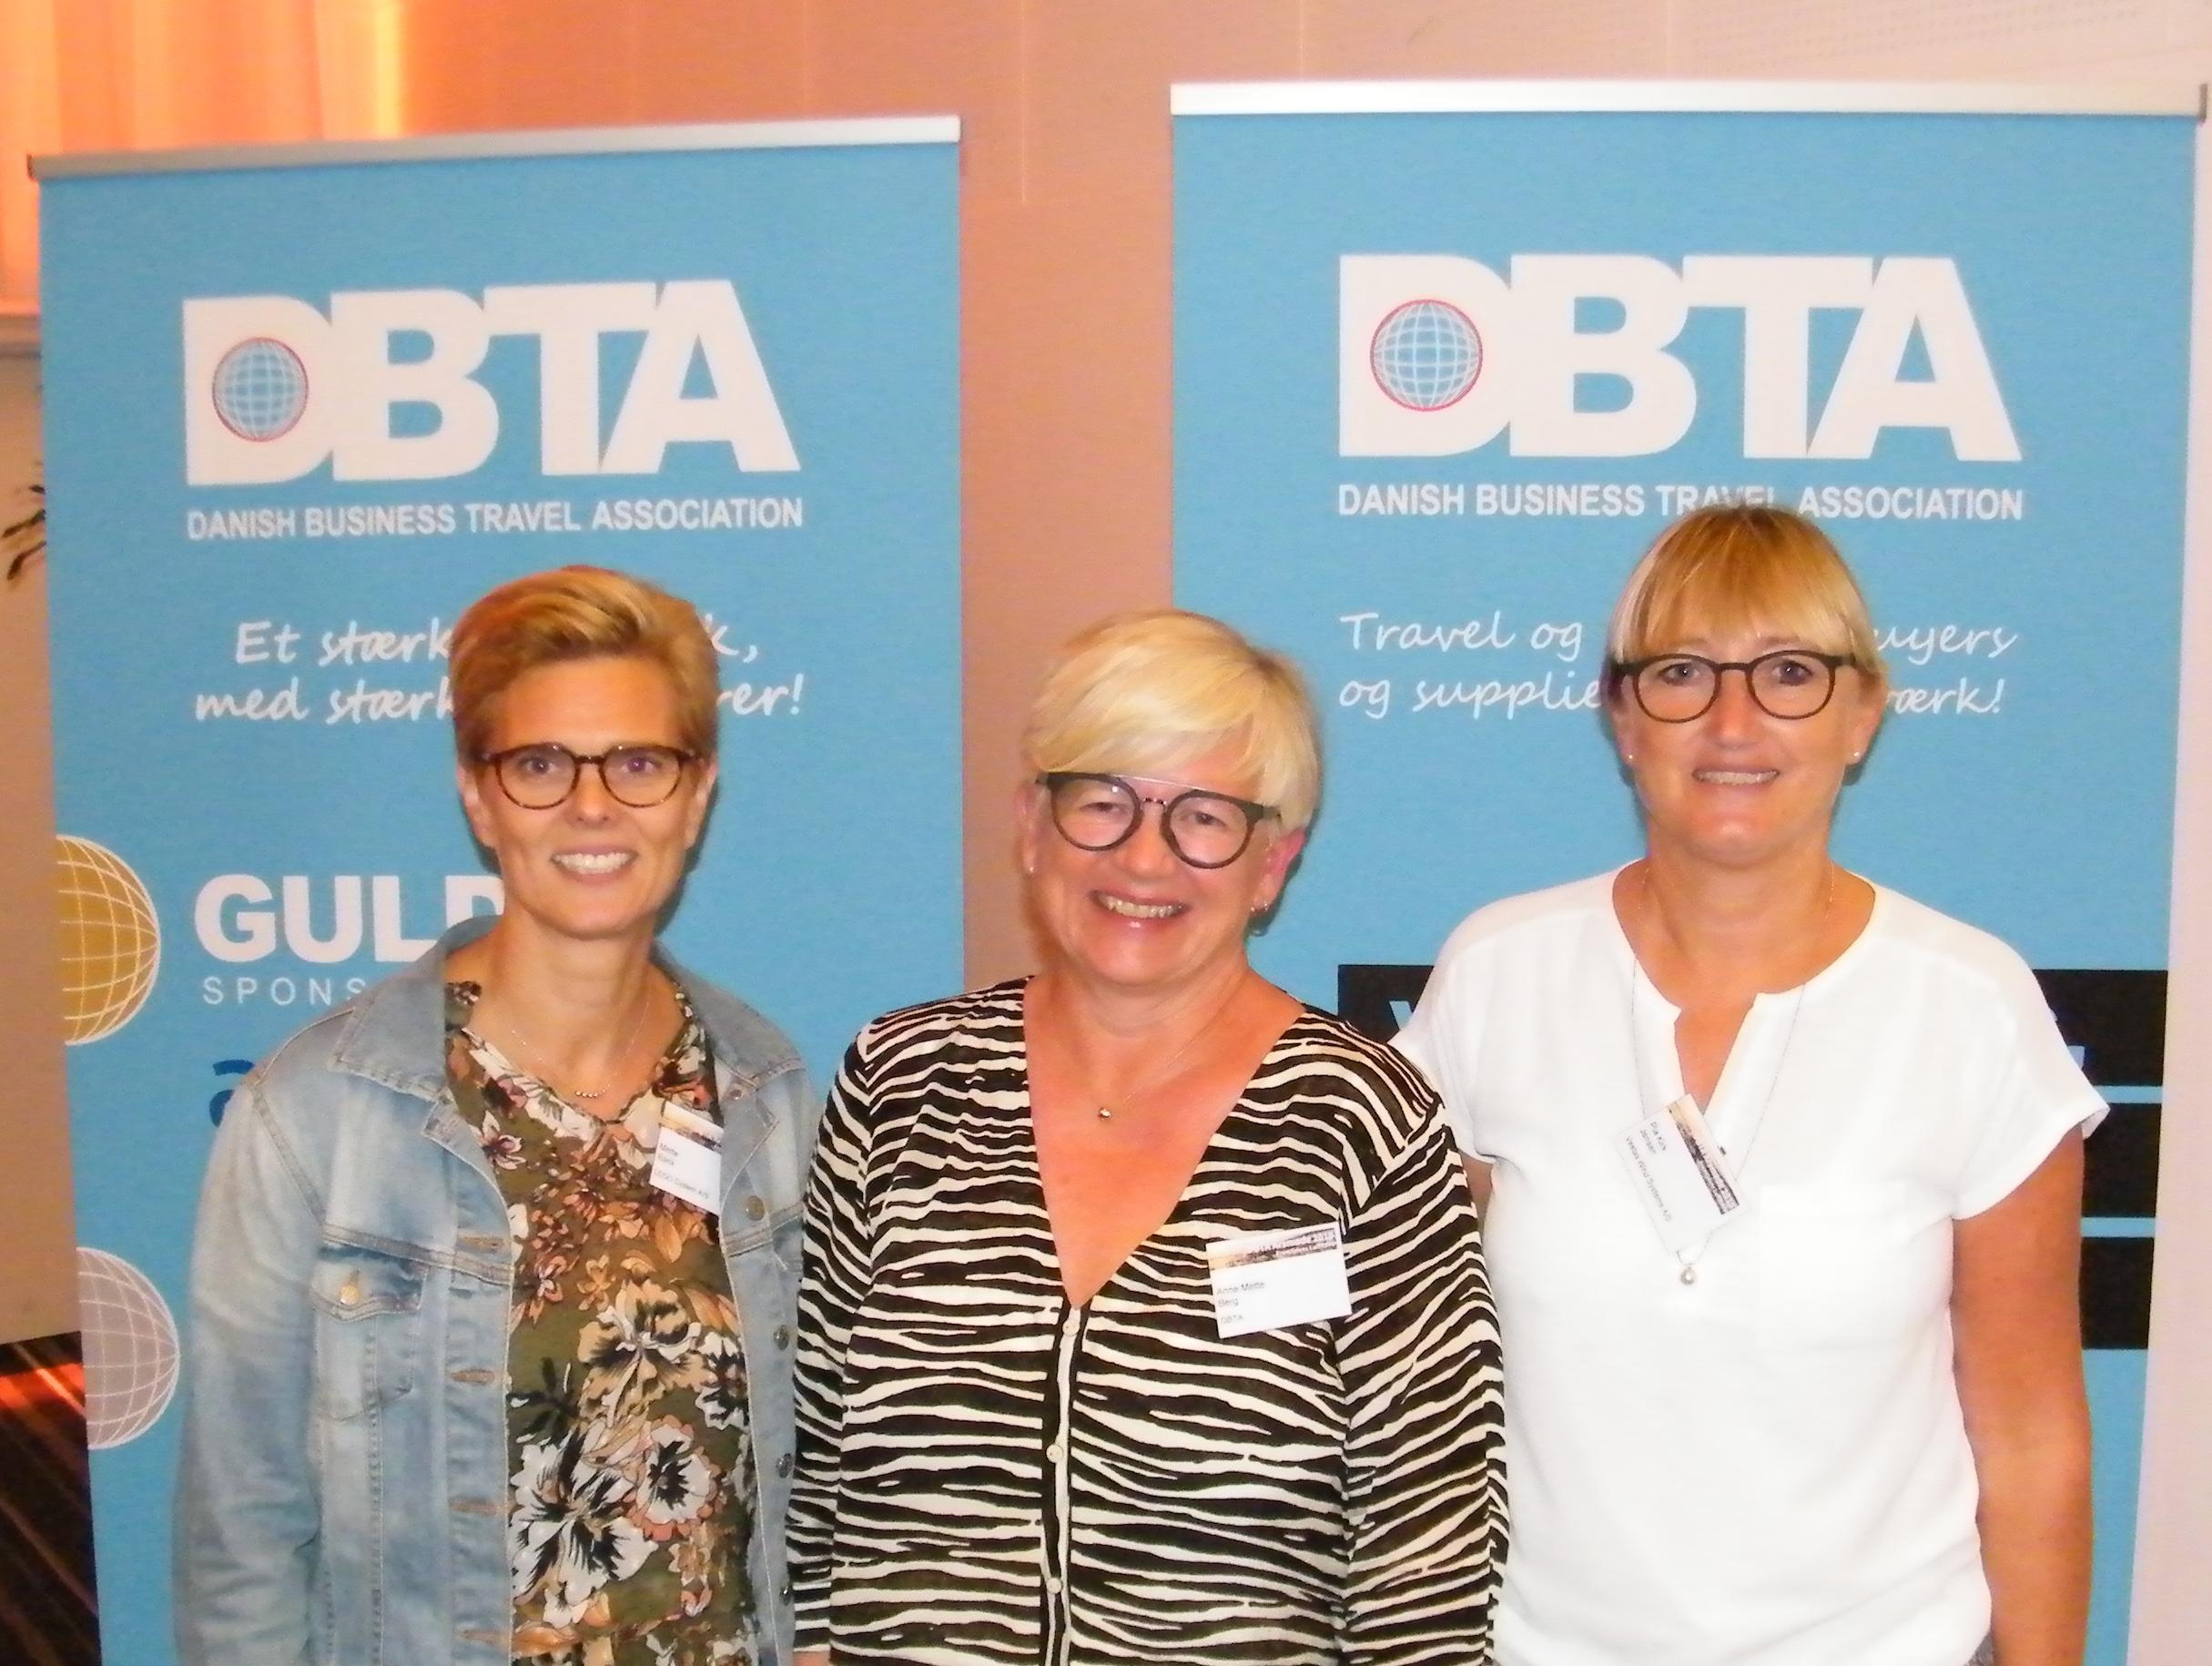 Fra torsdagens DBTA-årsmøde, fra venstre DBTA-formand Mette Bank, til daglig travel manager hos LEGO System, Anne Mette Berg, general manager for DBTA, og travel manager i Vestas Wind Systems, Pia Kirk Jensen, der blev COTRA's sidste formand. Foto: Henrik Baumgarten.